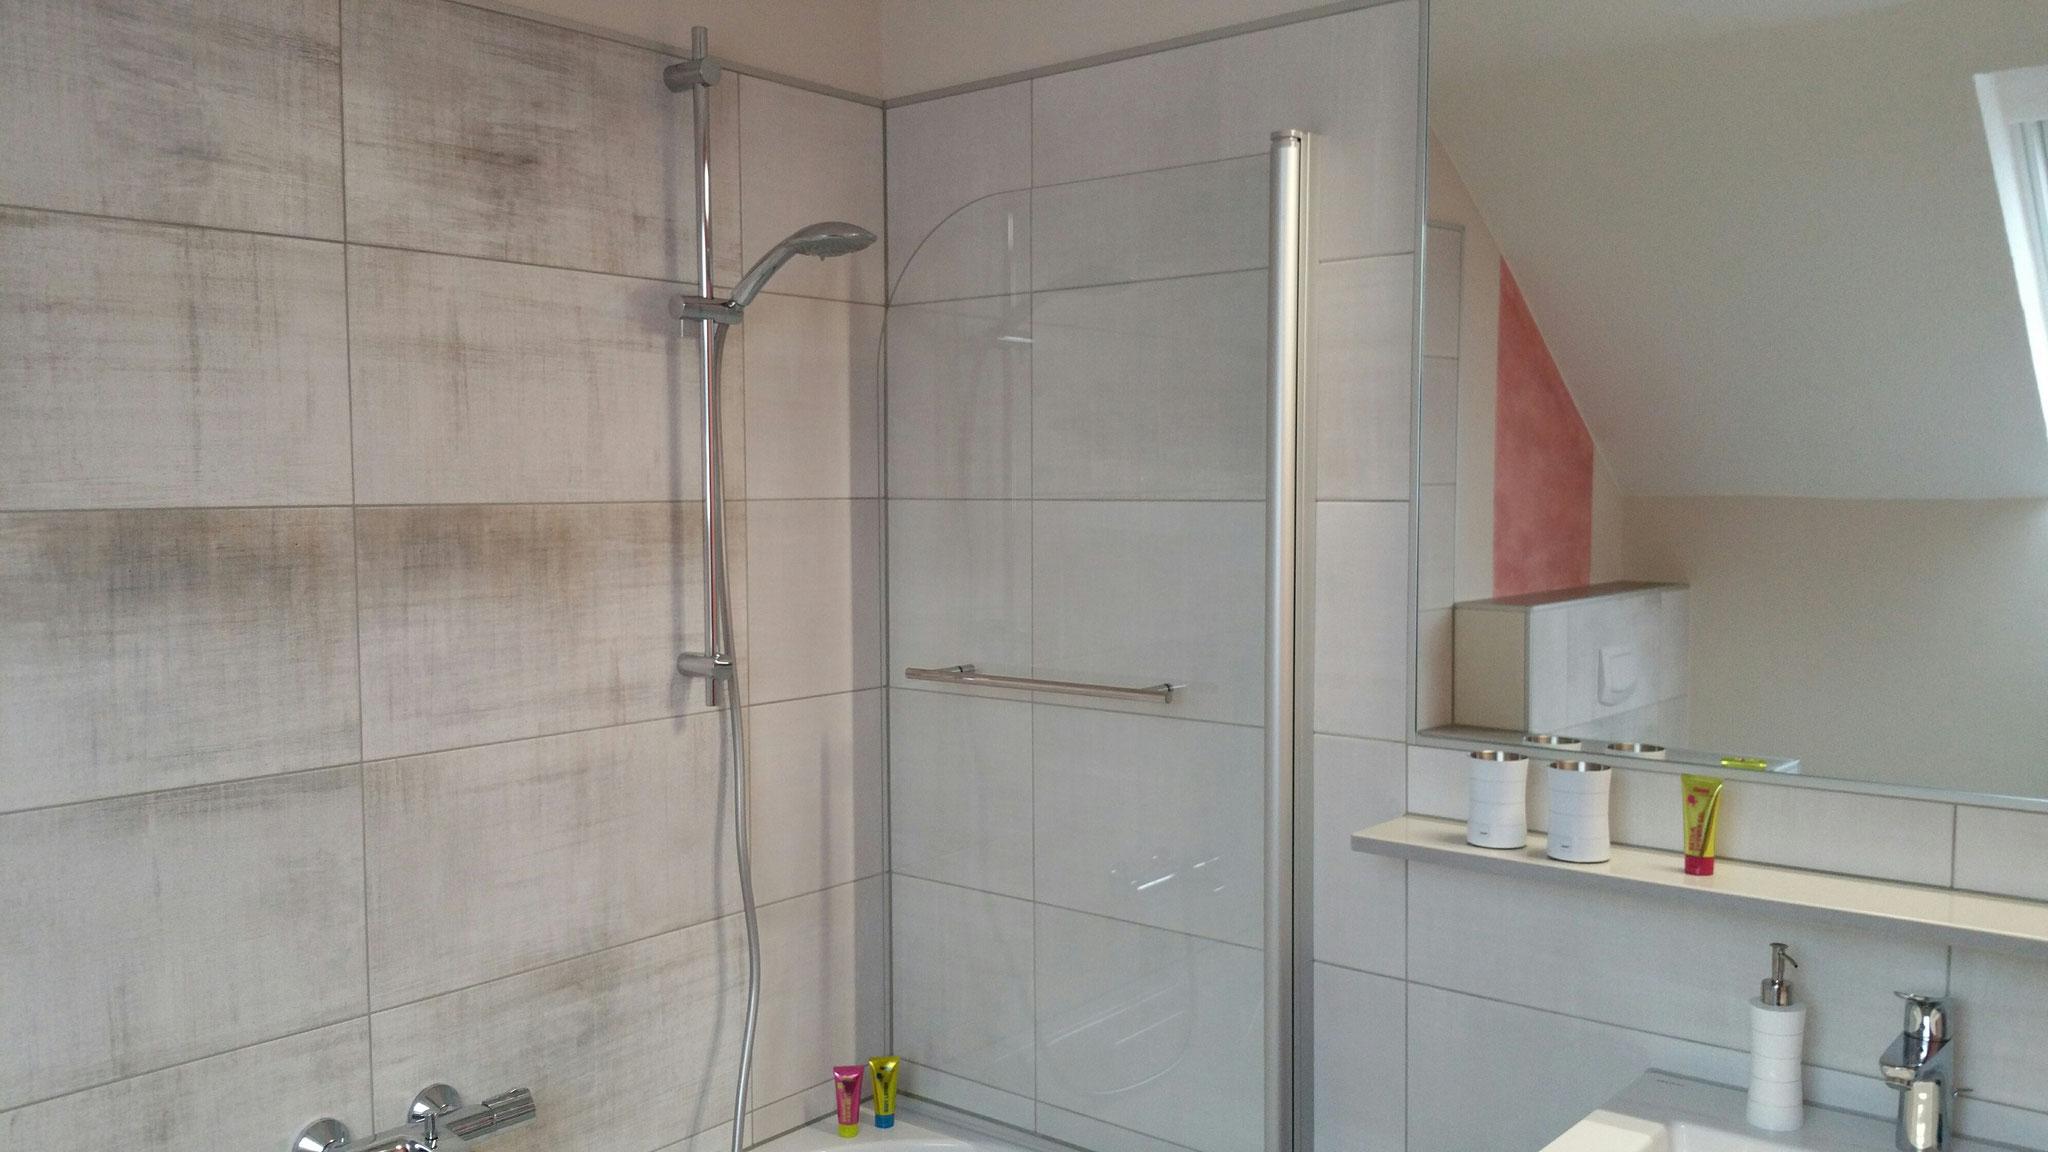 Bad Deluxe Zimmer 7 - Duschen oder baden, was will ich heute?